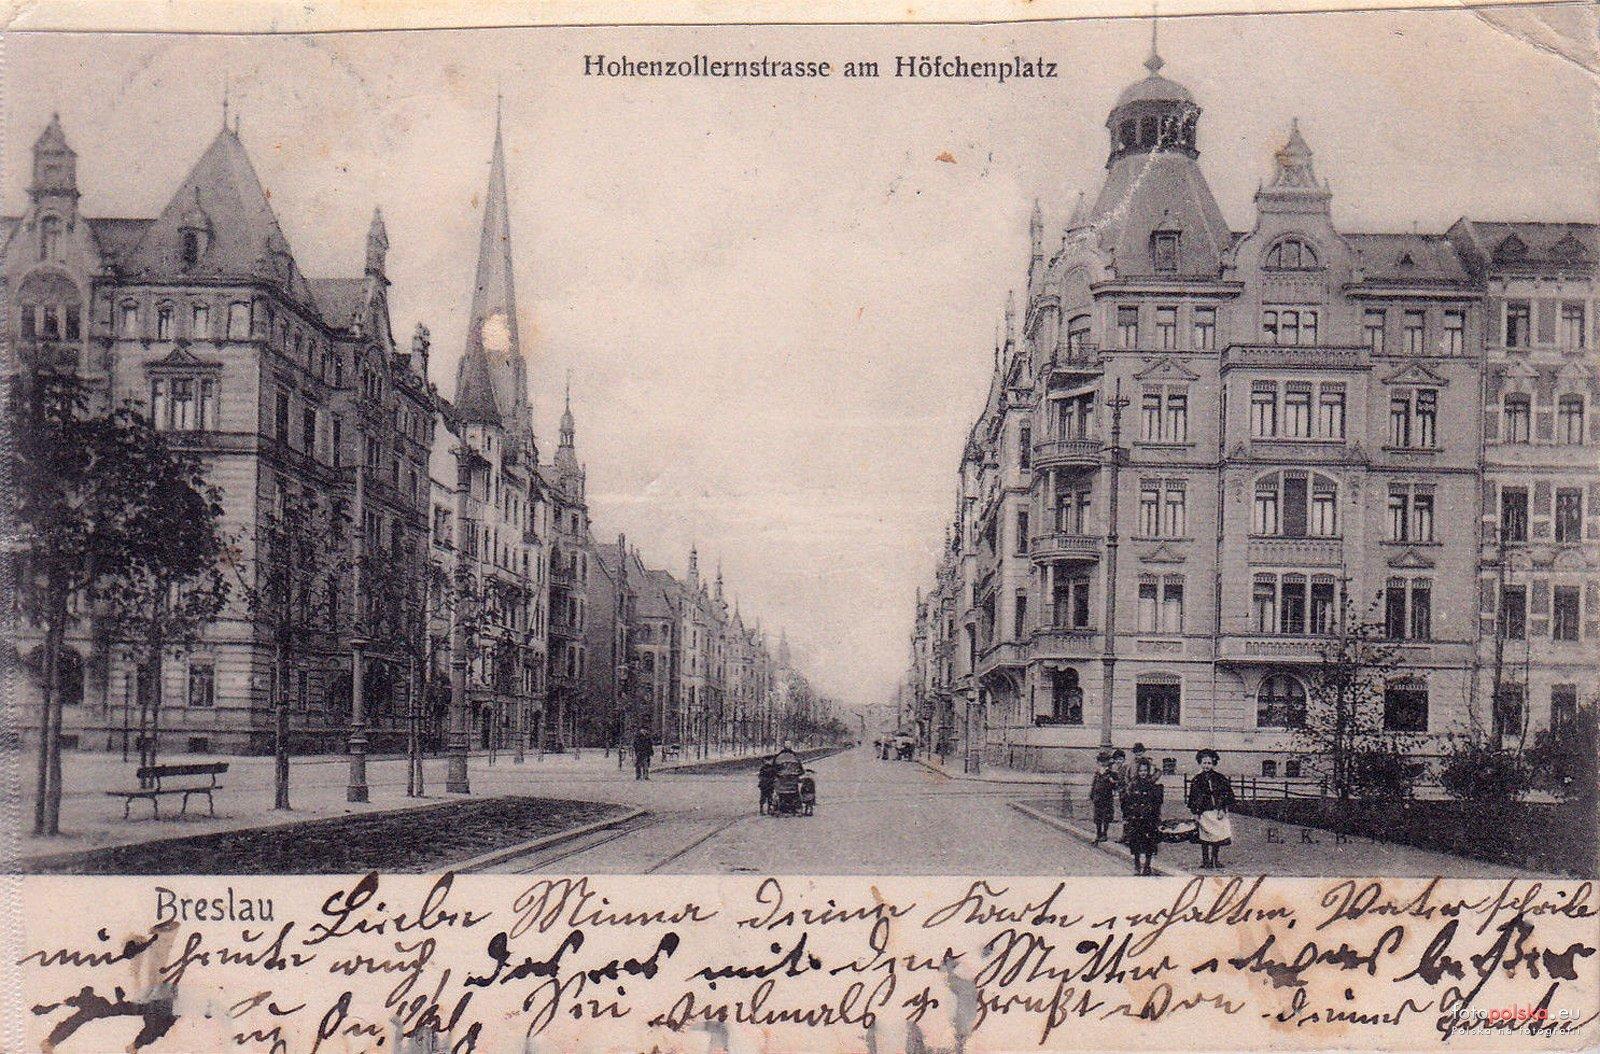 https://dolnoslaskie.fotopolska.eu/foto/342/342150.jpg